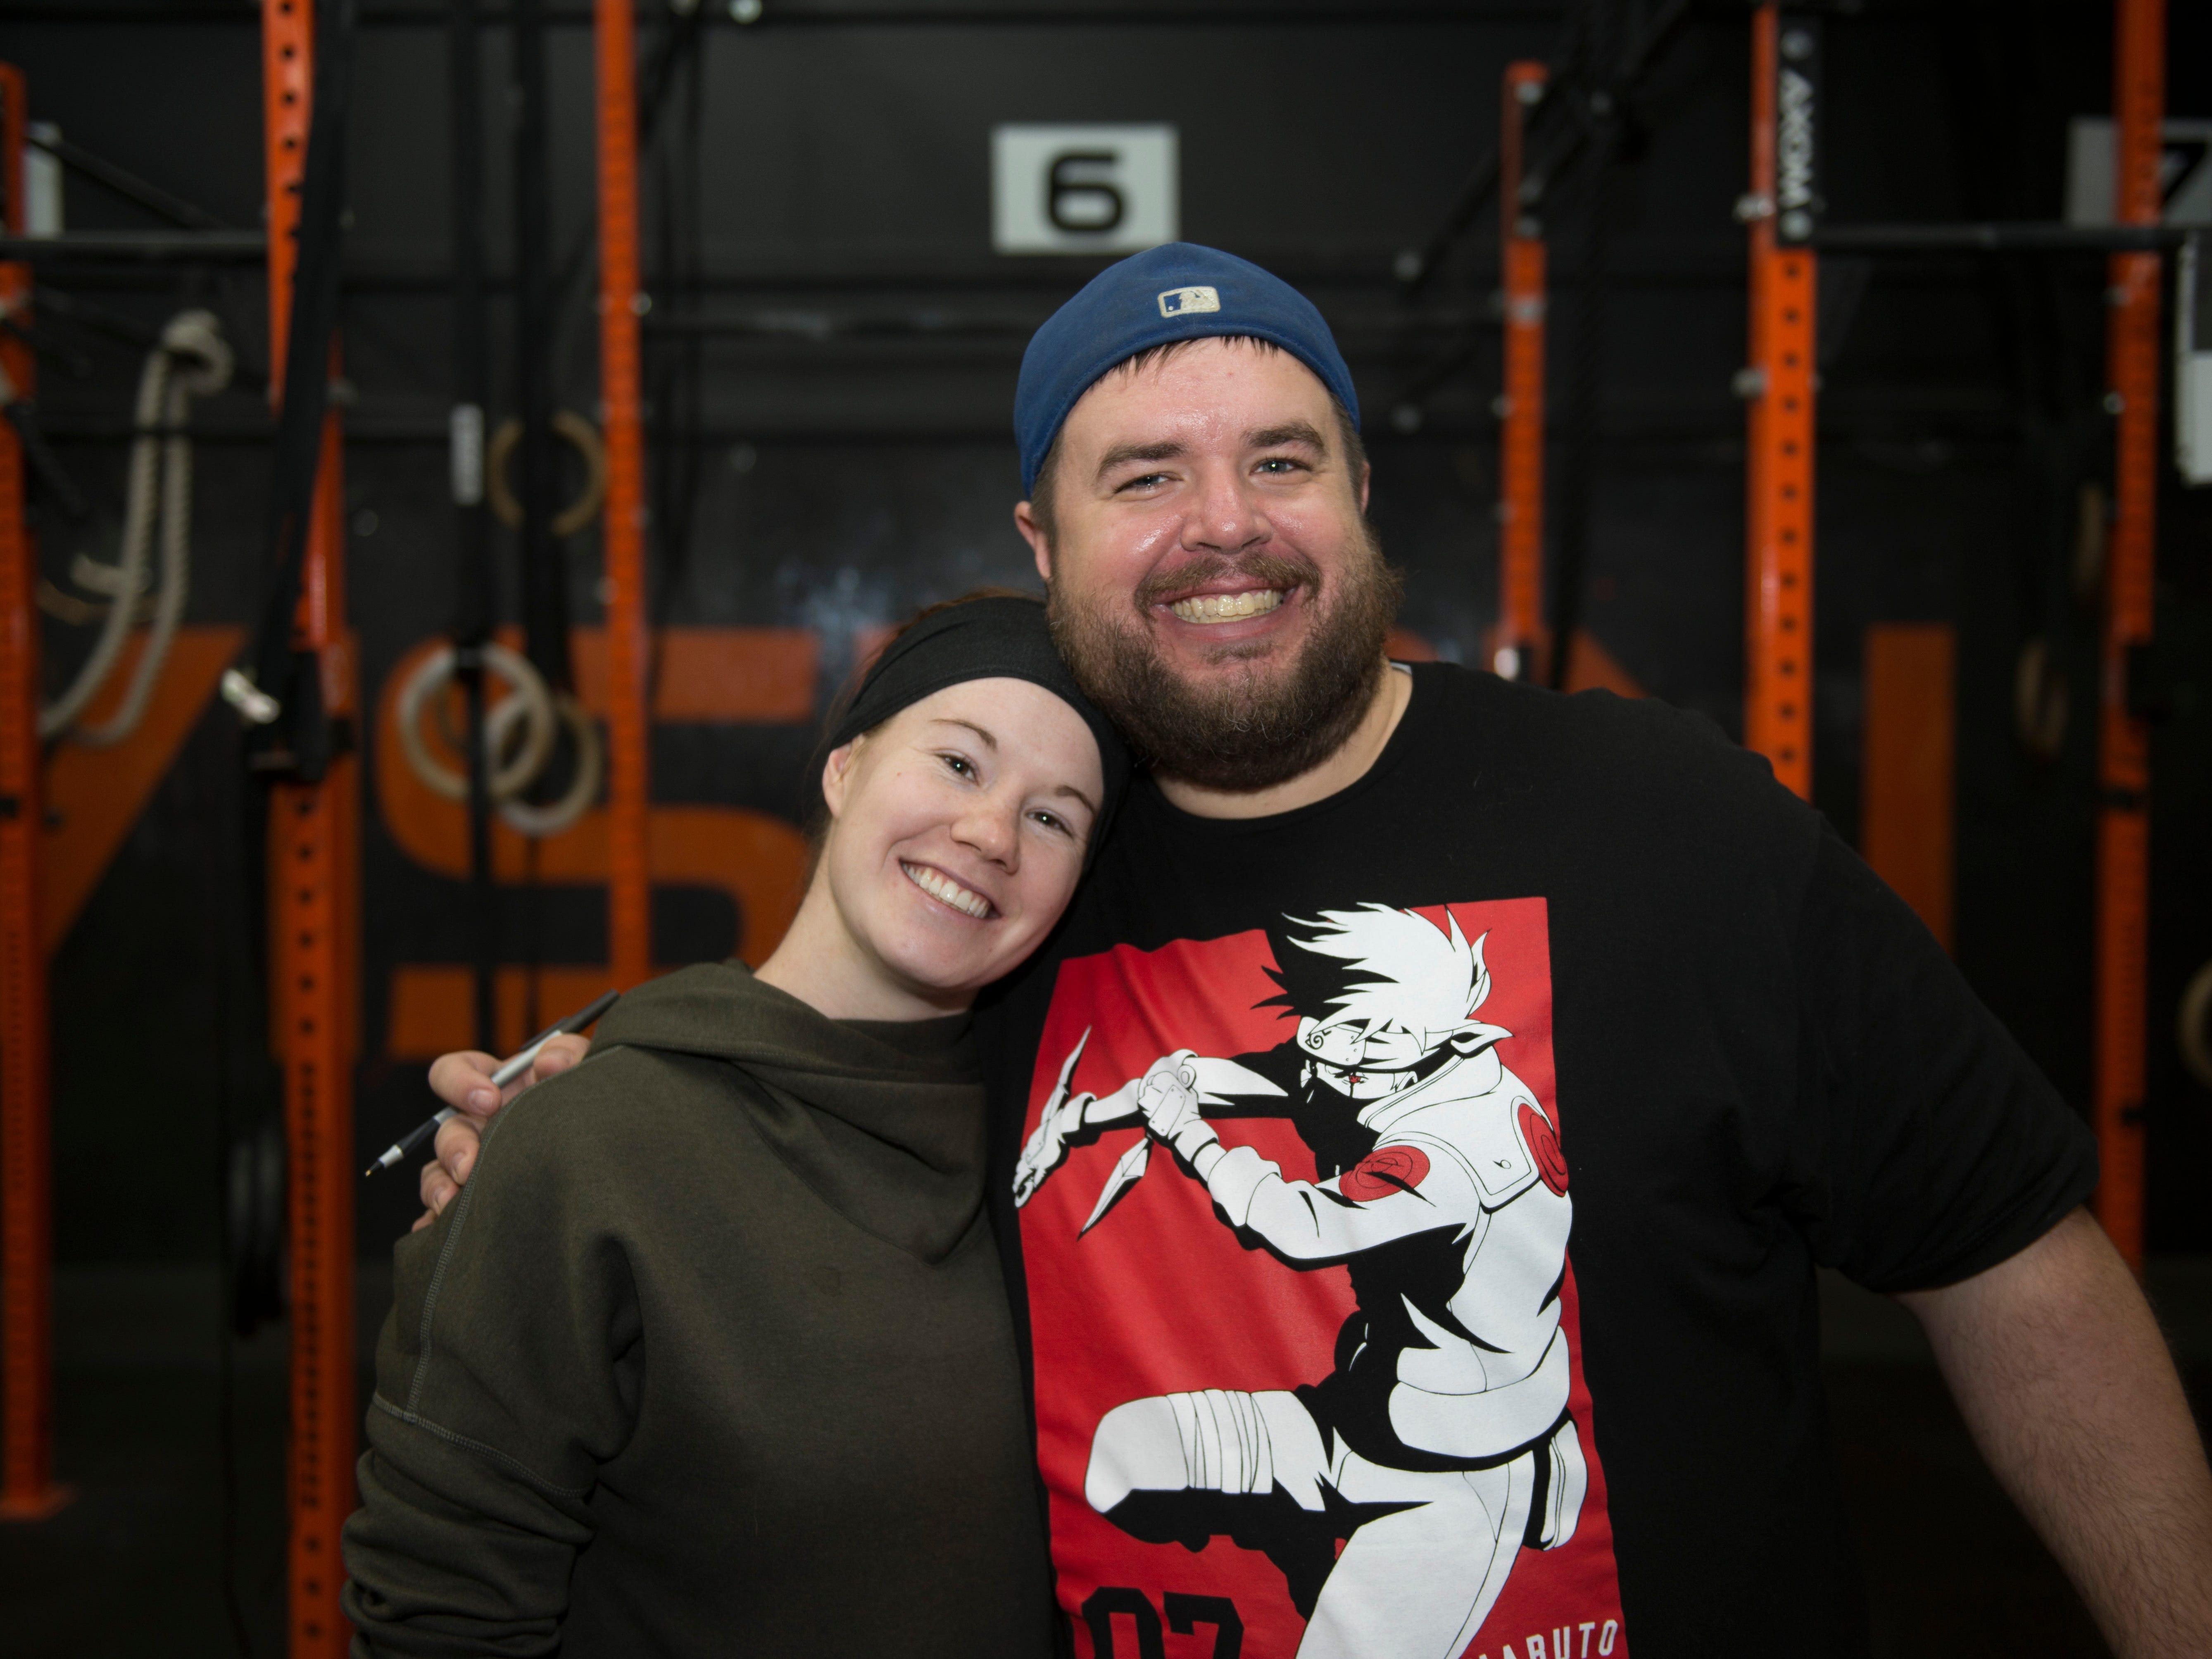 Sara Keatts and Chris Crosby